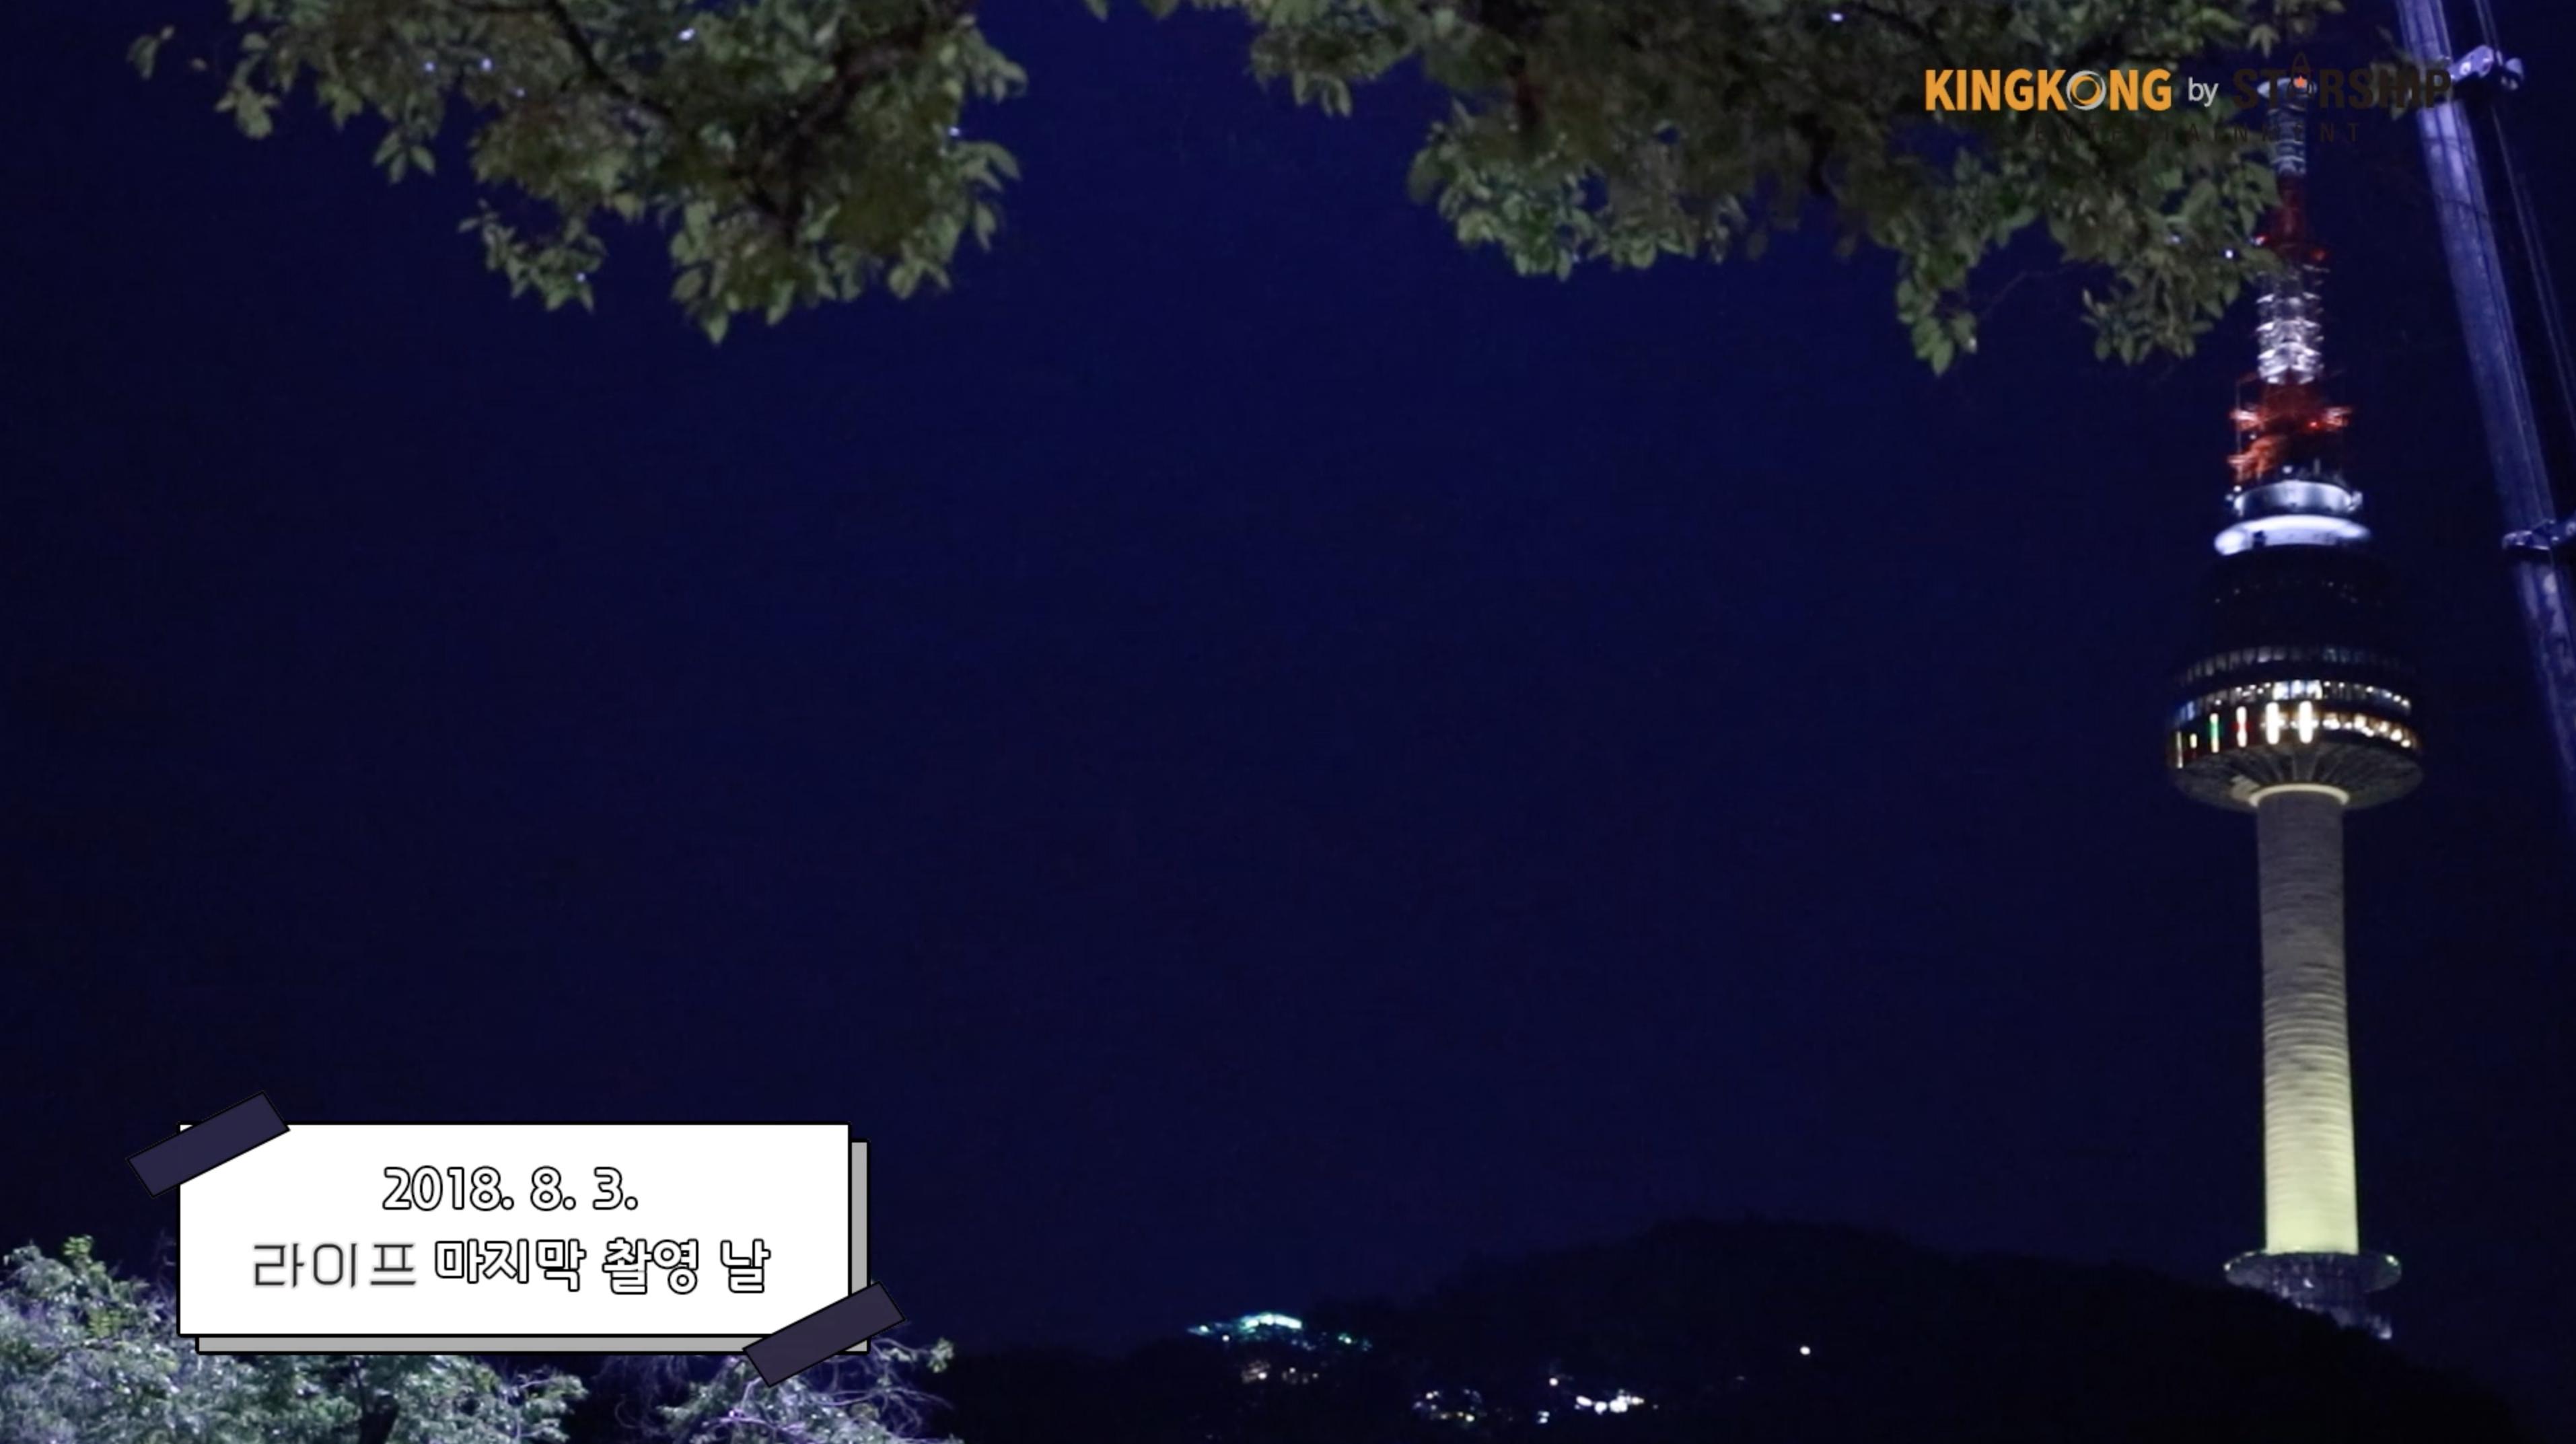 [배우 이동욱] 당신의 마지막 날, '라이프' 마지막 촬영 소감